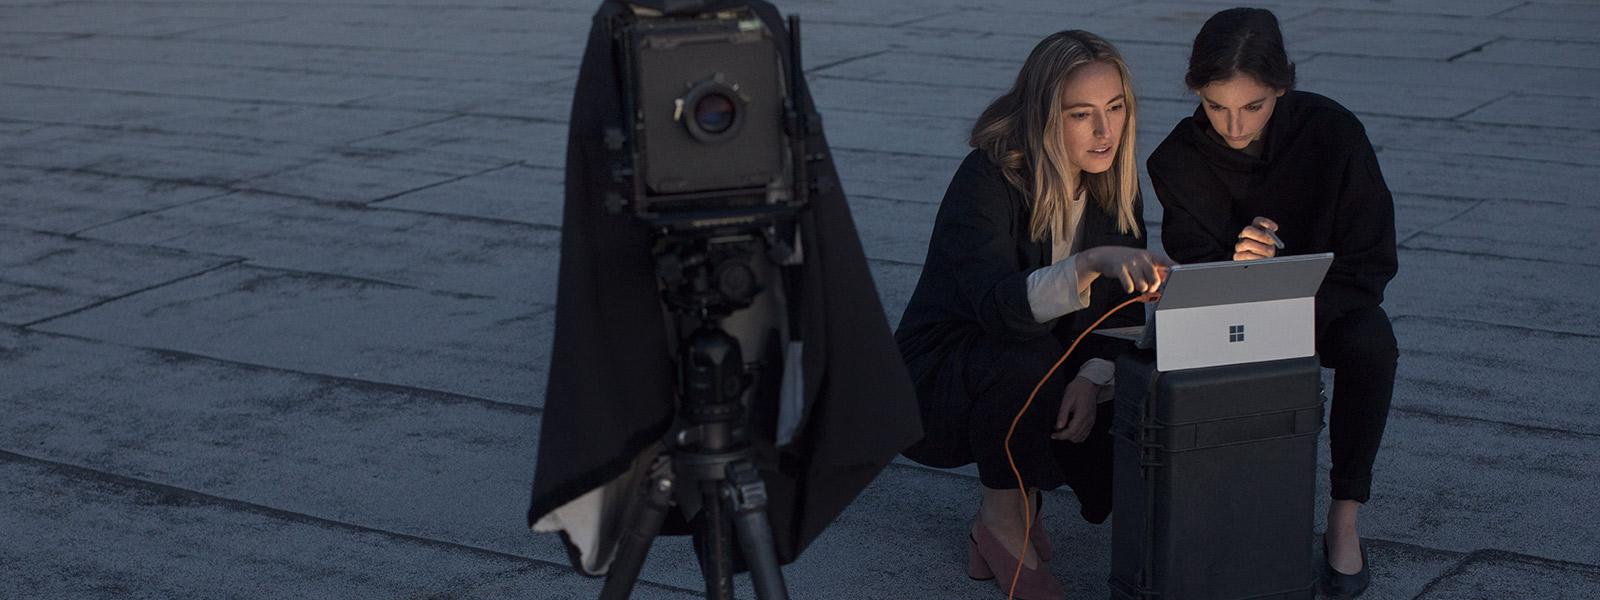 To videografikere bruker Surface Pro til å se gjennom opptak